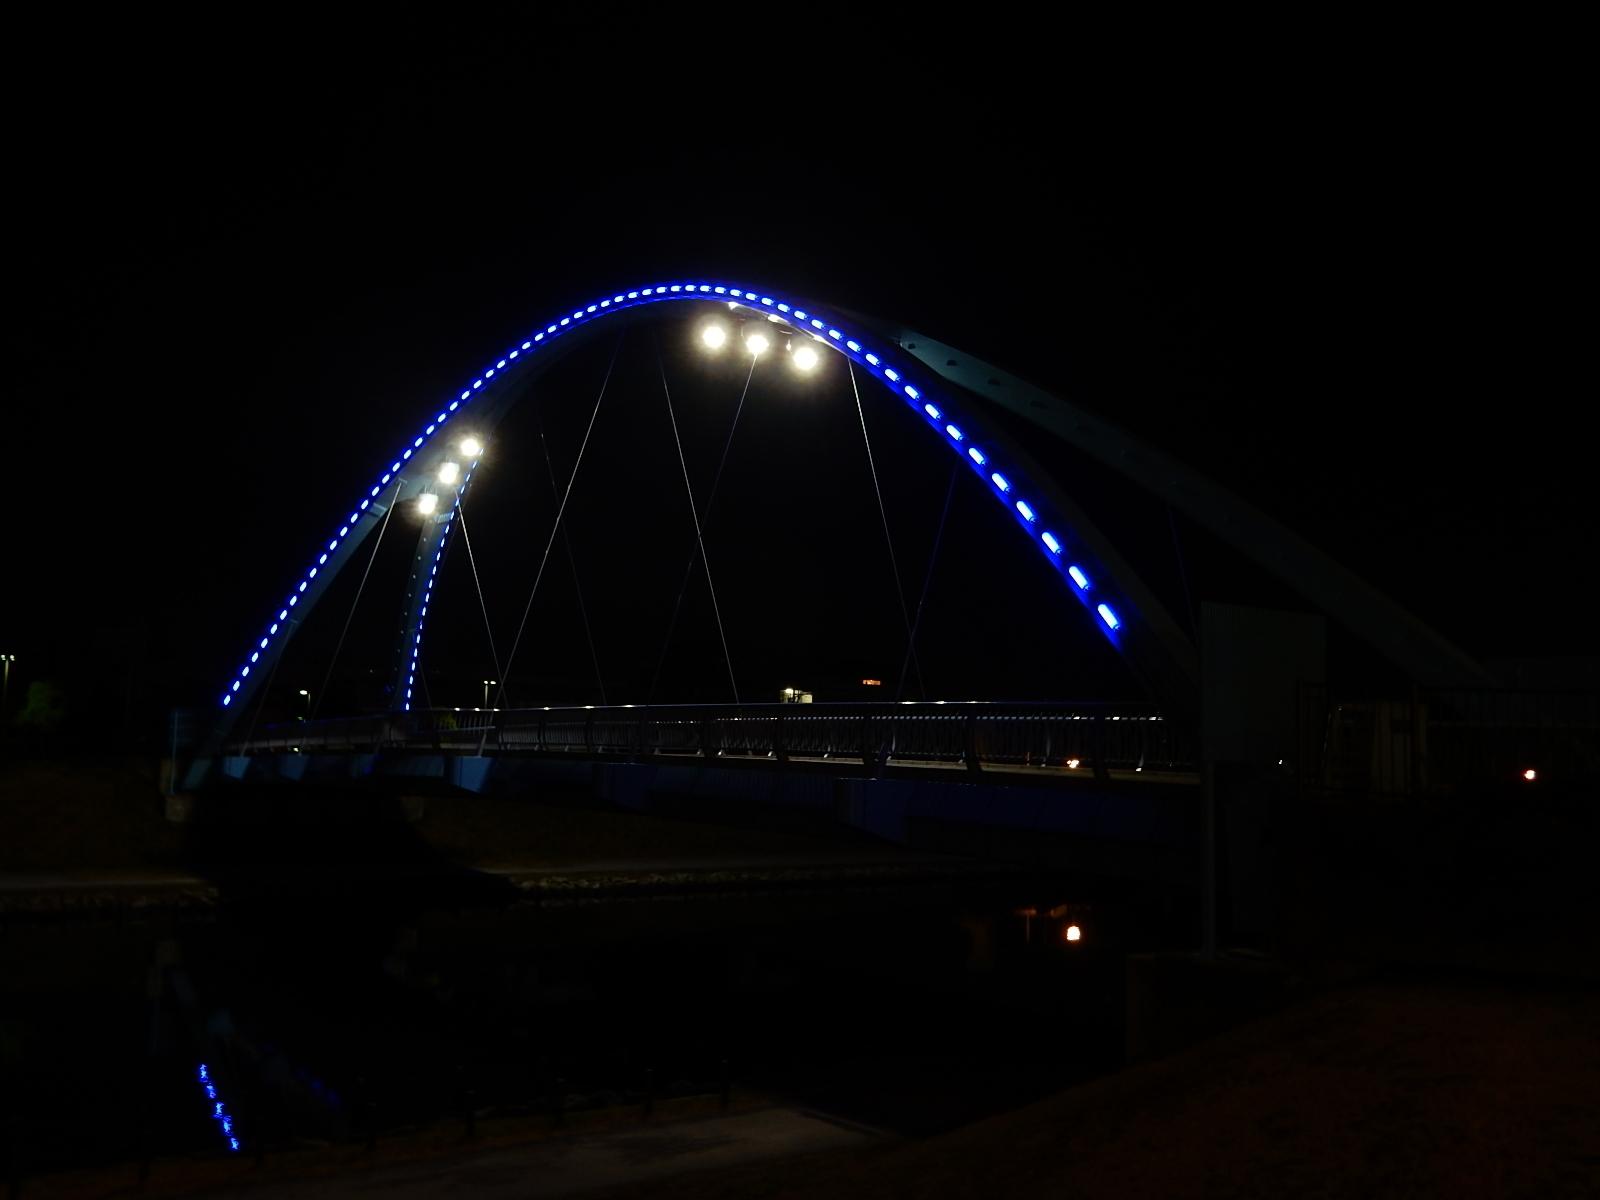 真夜中の照明を灯したふれあい橋4